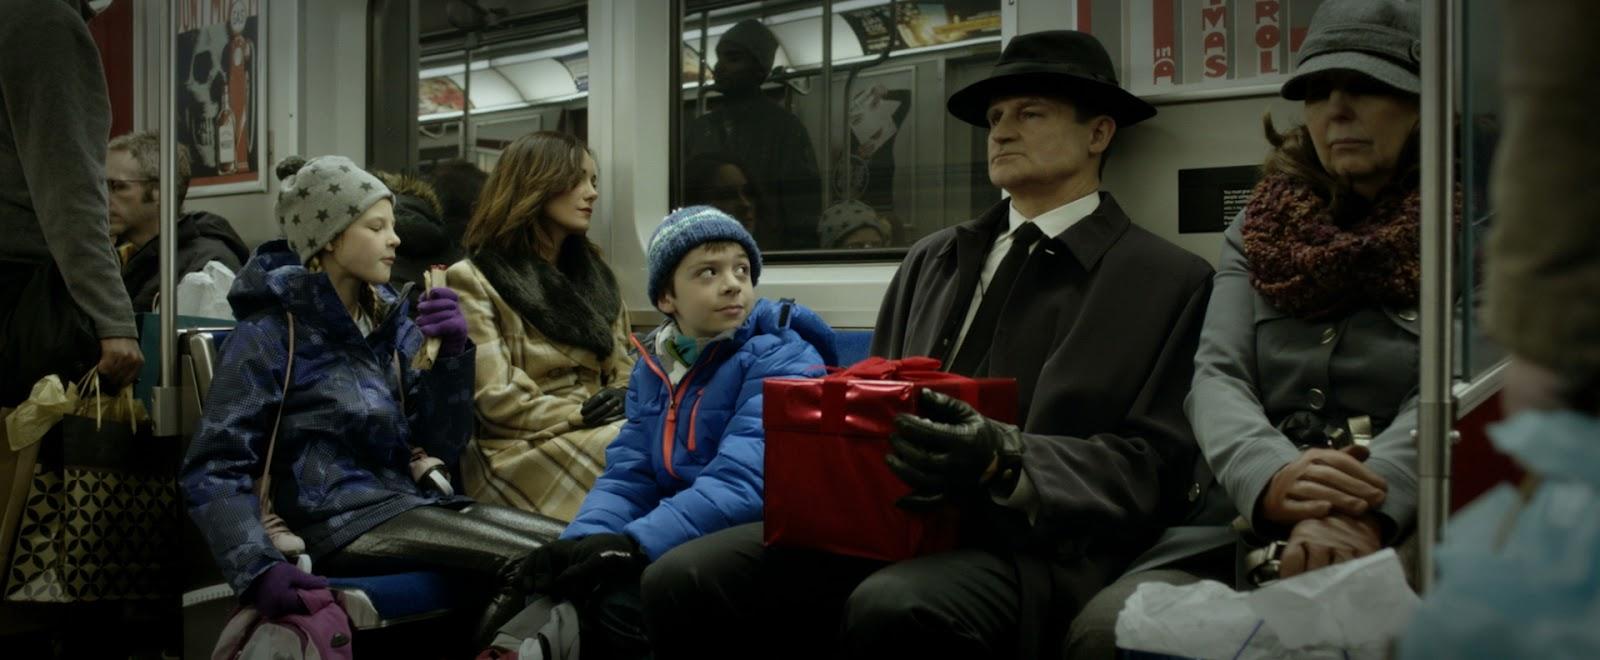 Filme Dentro Da Casa with xx - crítica | vellocine